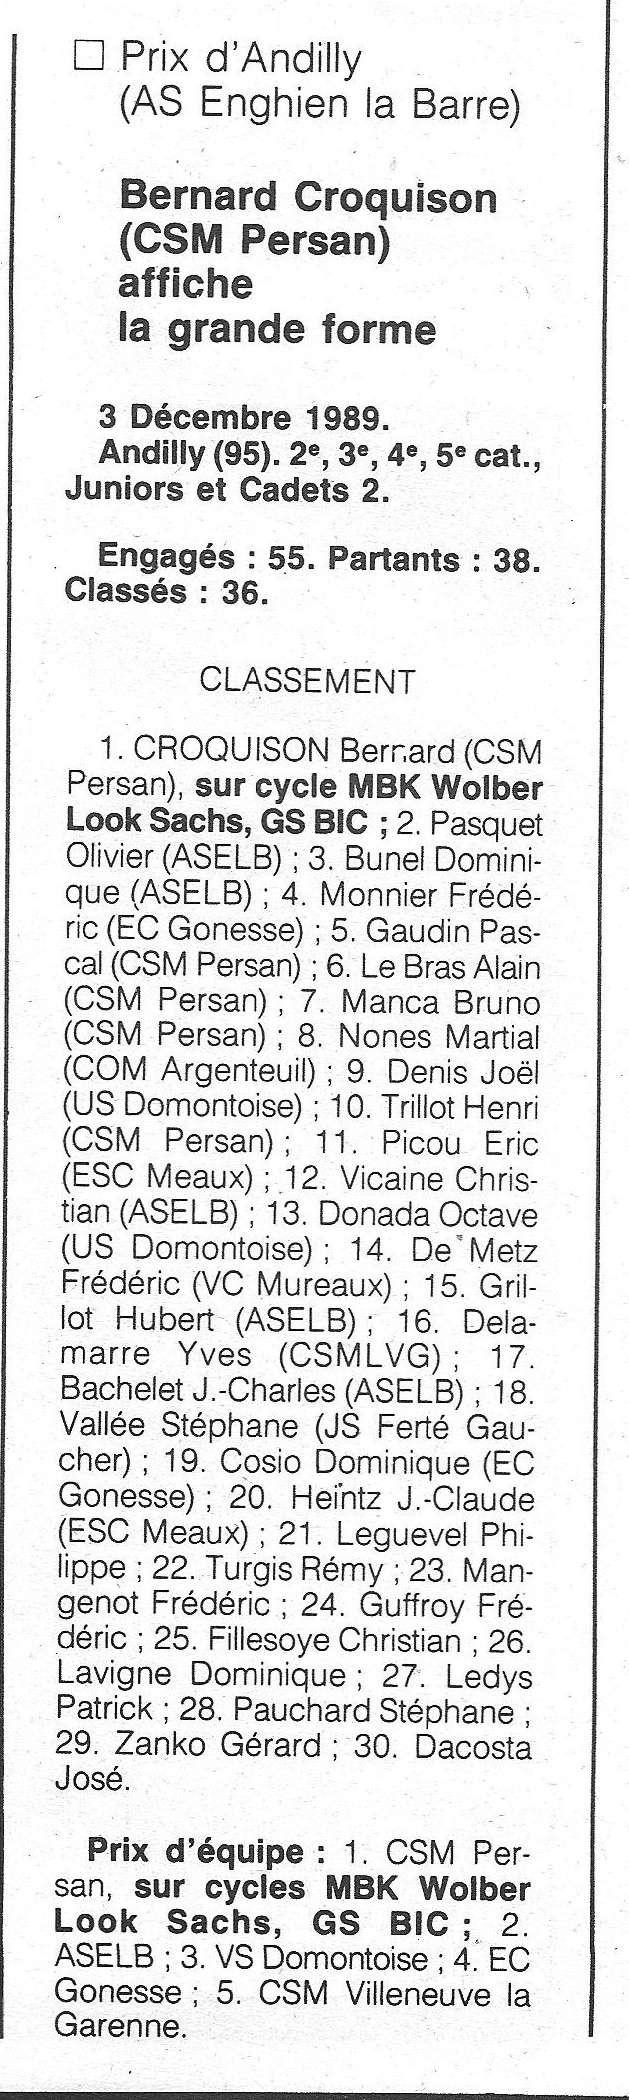 CSM.Persan. BIC. Toute une époque de janvier 1984 à janvier 1990 - Page 35 1989_186